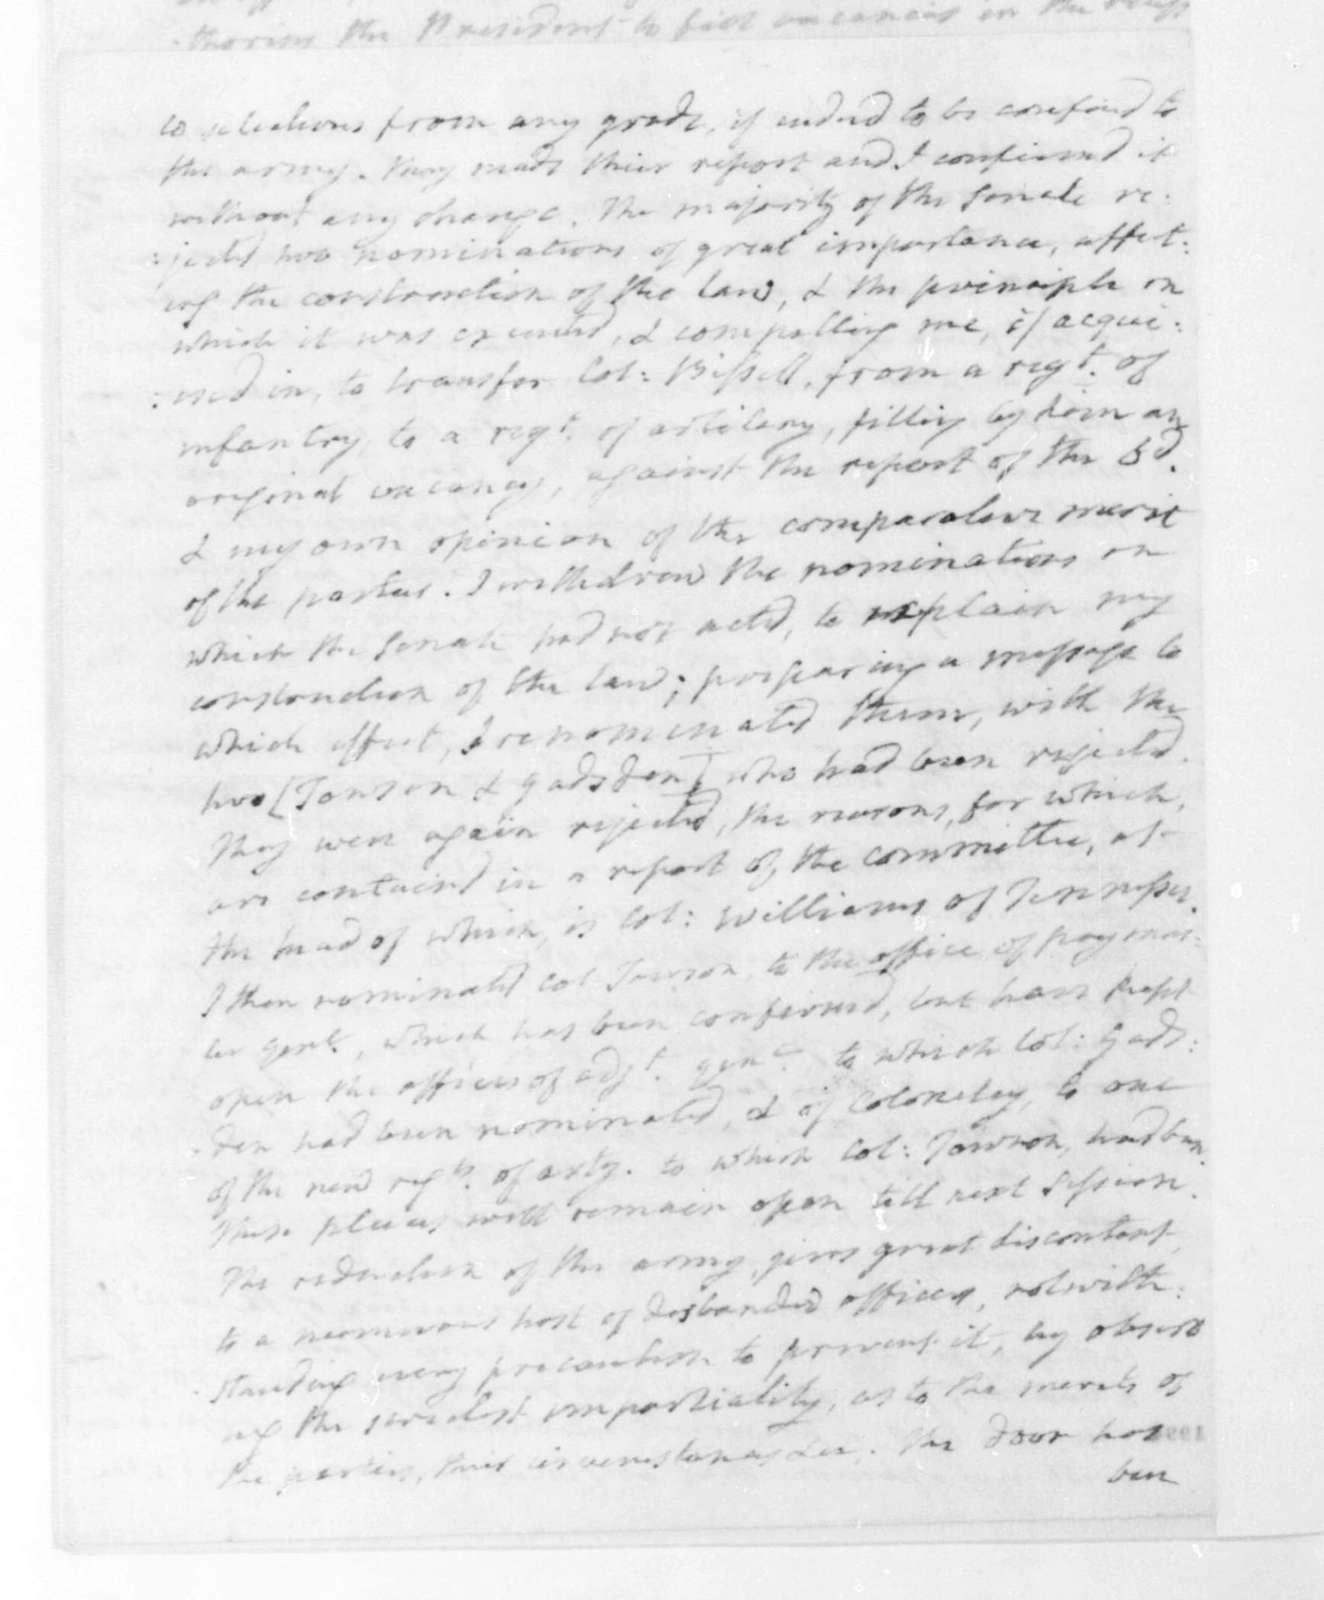 James Monroe to James Madison, May 12, 1822.